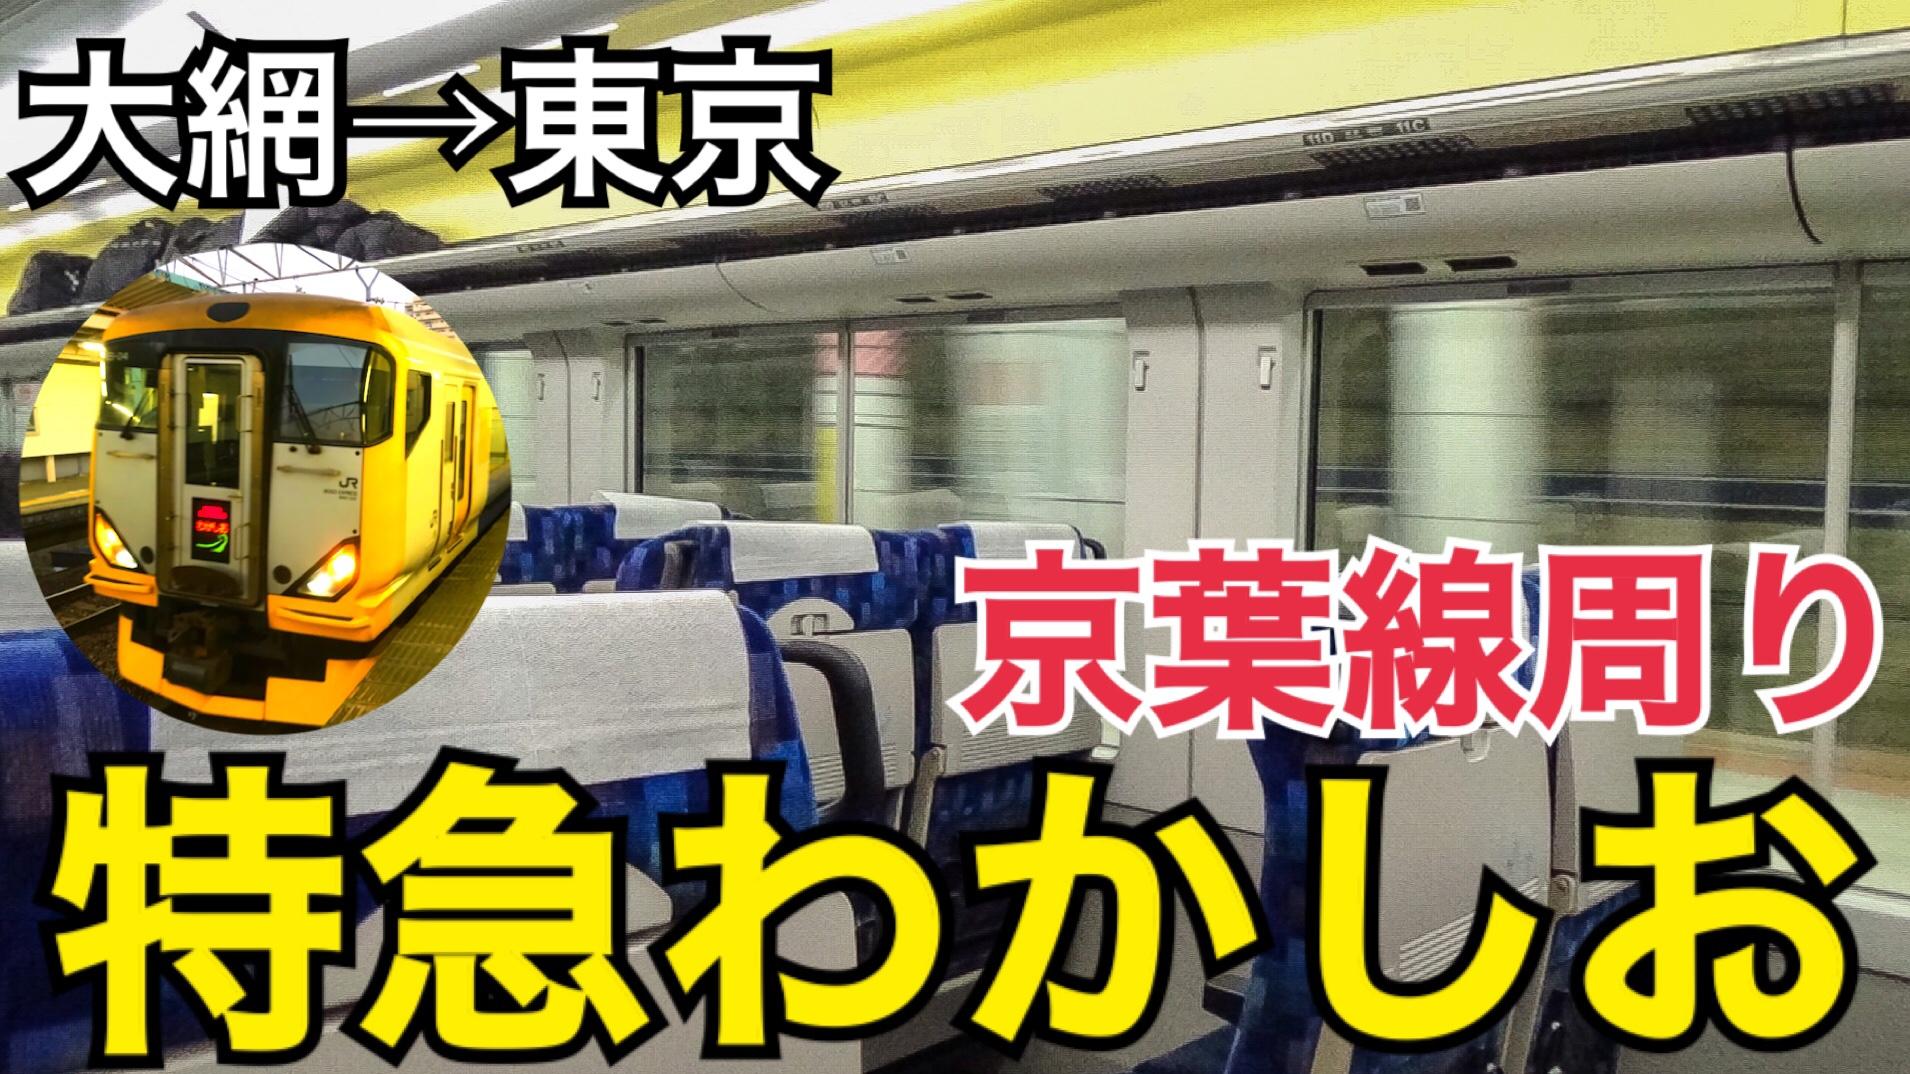 東京の夜景を楽しもう!外房京葉線特急わかしお号の旅【関東満喫の旅】